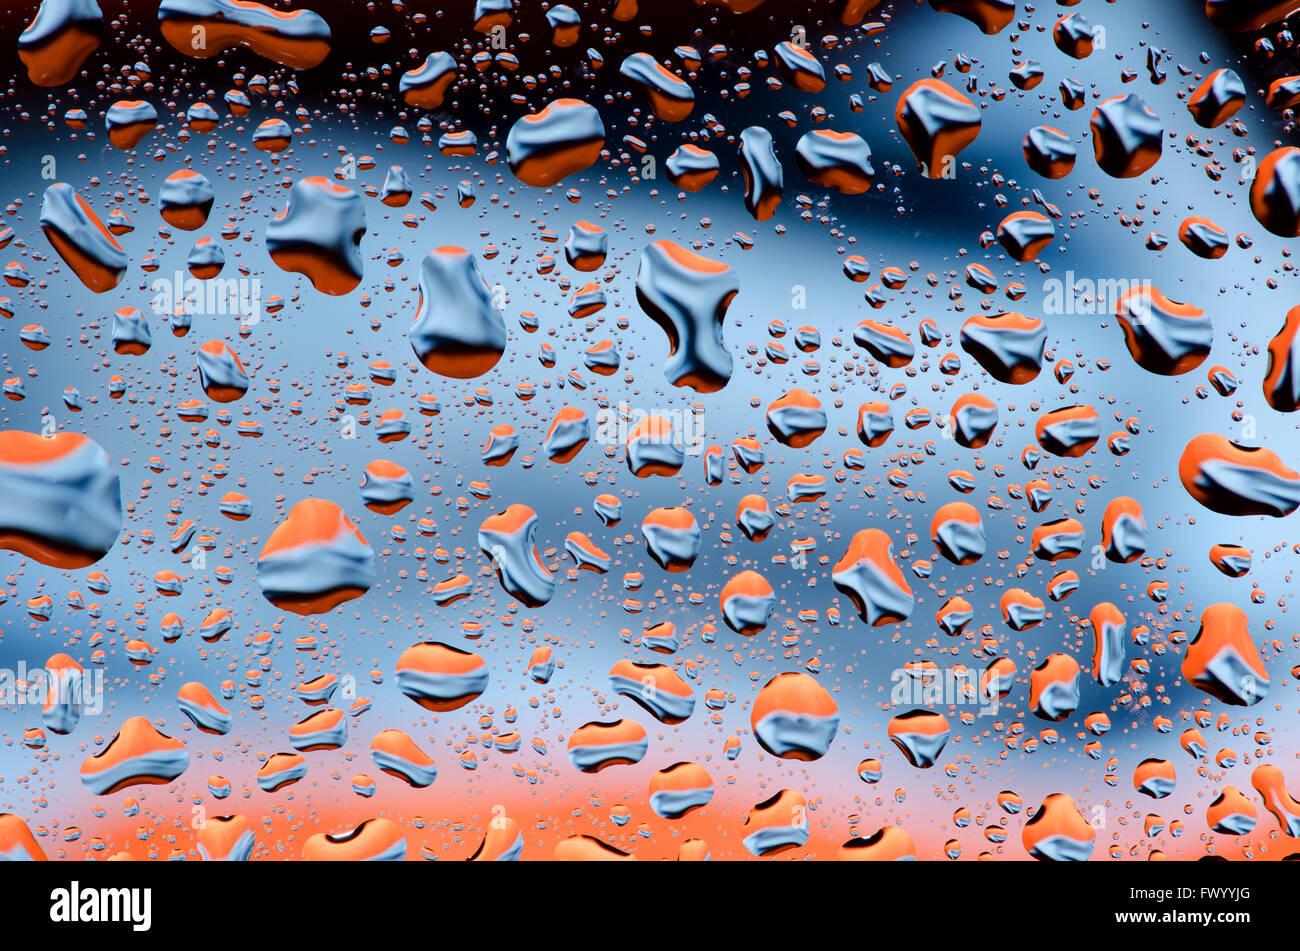 Nero Blu sfondo arancione con gocce d'acqua pattern. Immagini Stock